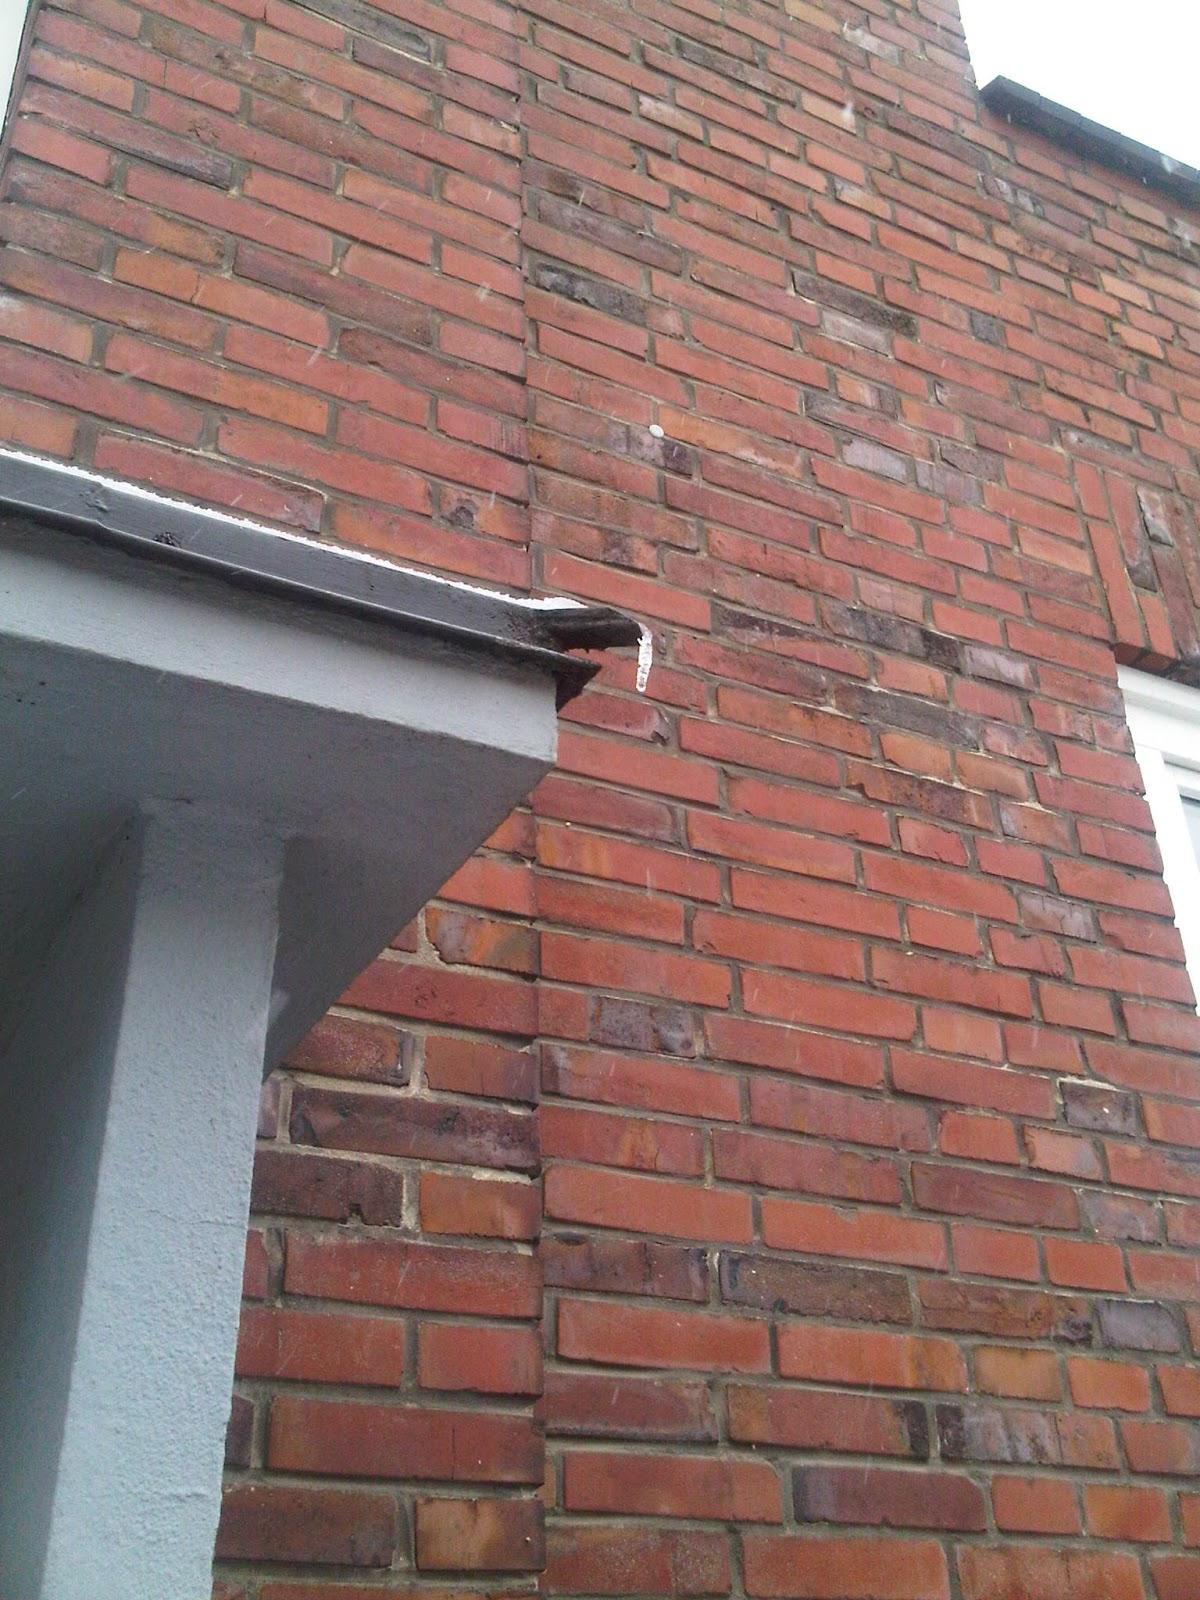 Vordach eines Wohnhauses mit Regenablauf, daran hängt ein Eiszapfen.